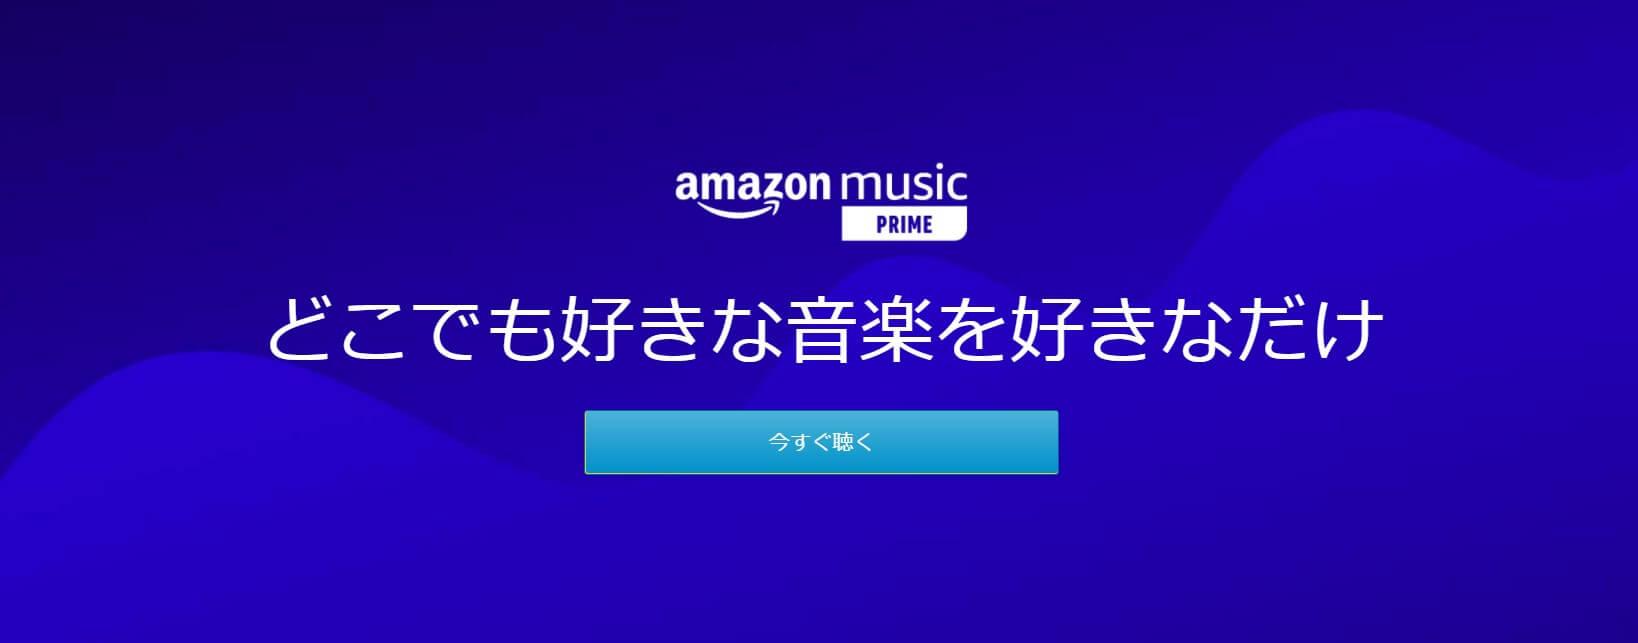 ハイレゾ音源が聞ける音楽配信ストリーミングサービスAmazon Music HD